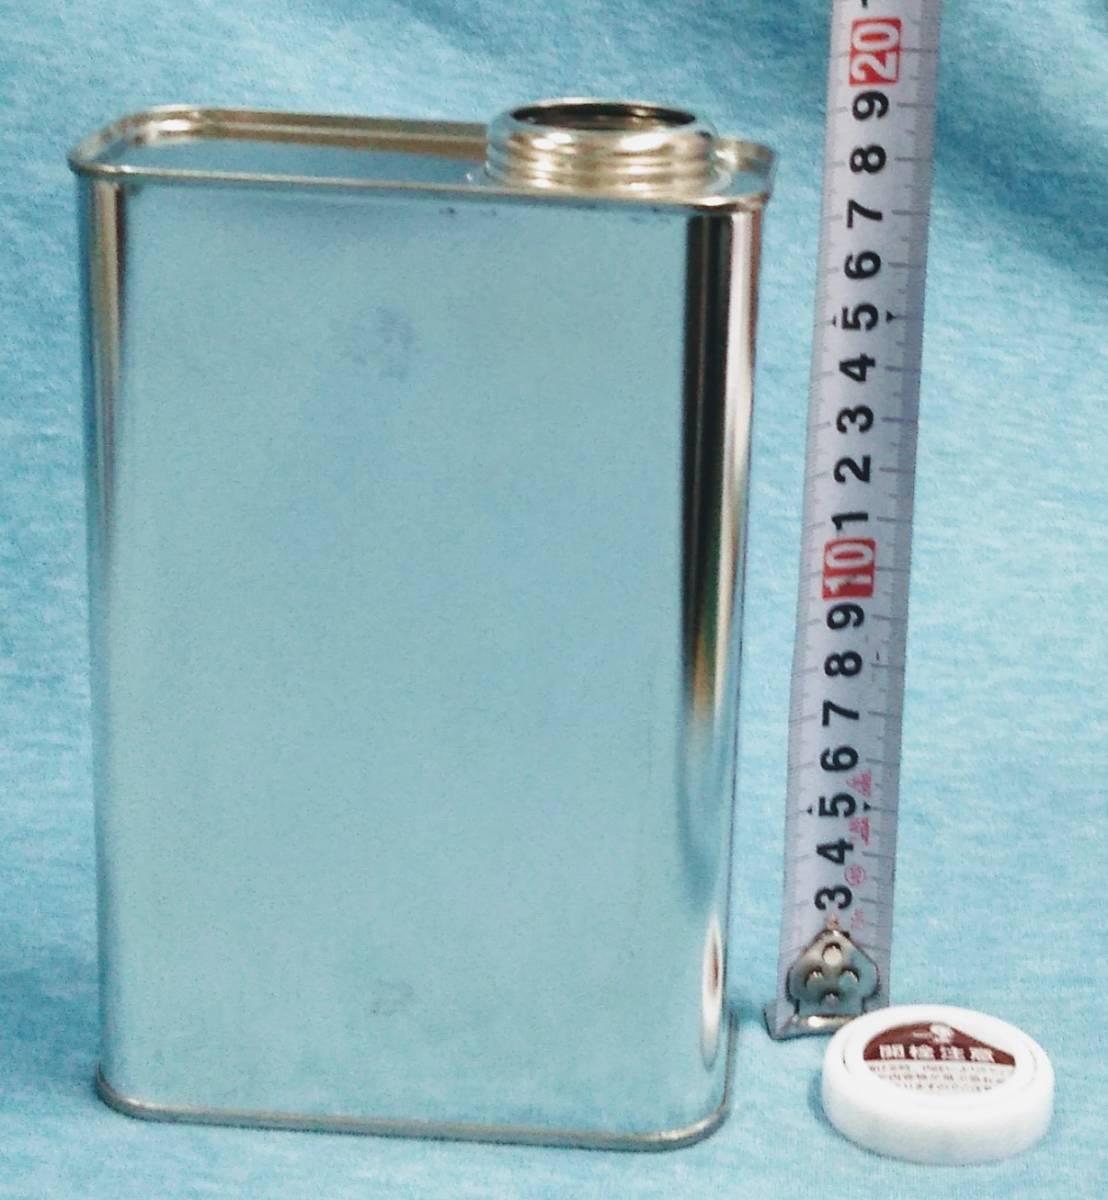 各種小分け 詰め替え保存容器 ブリキ空缶 1L/1000ml 角缶_画像1